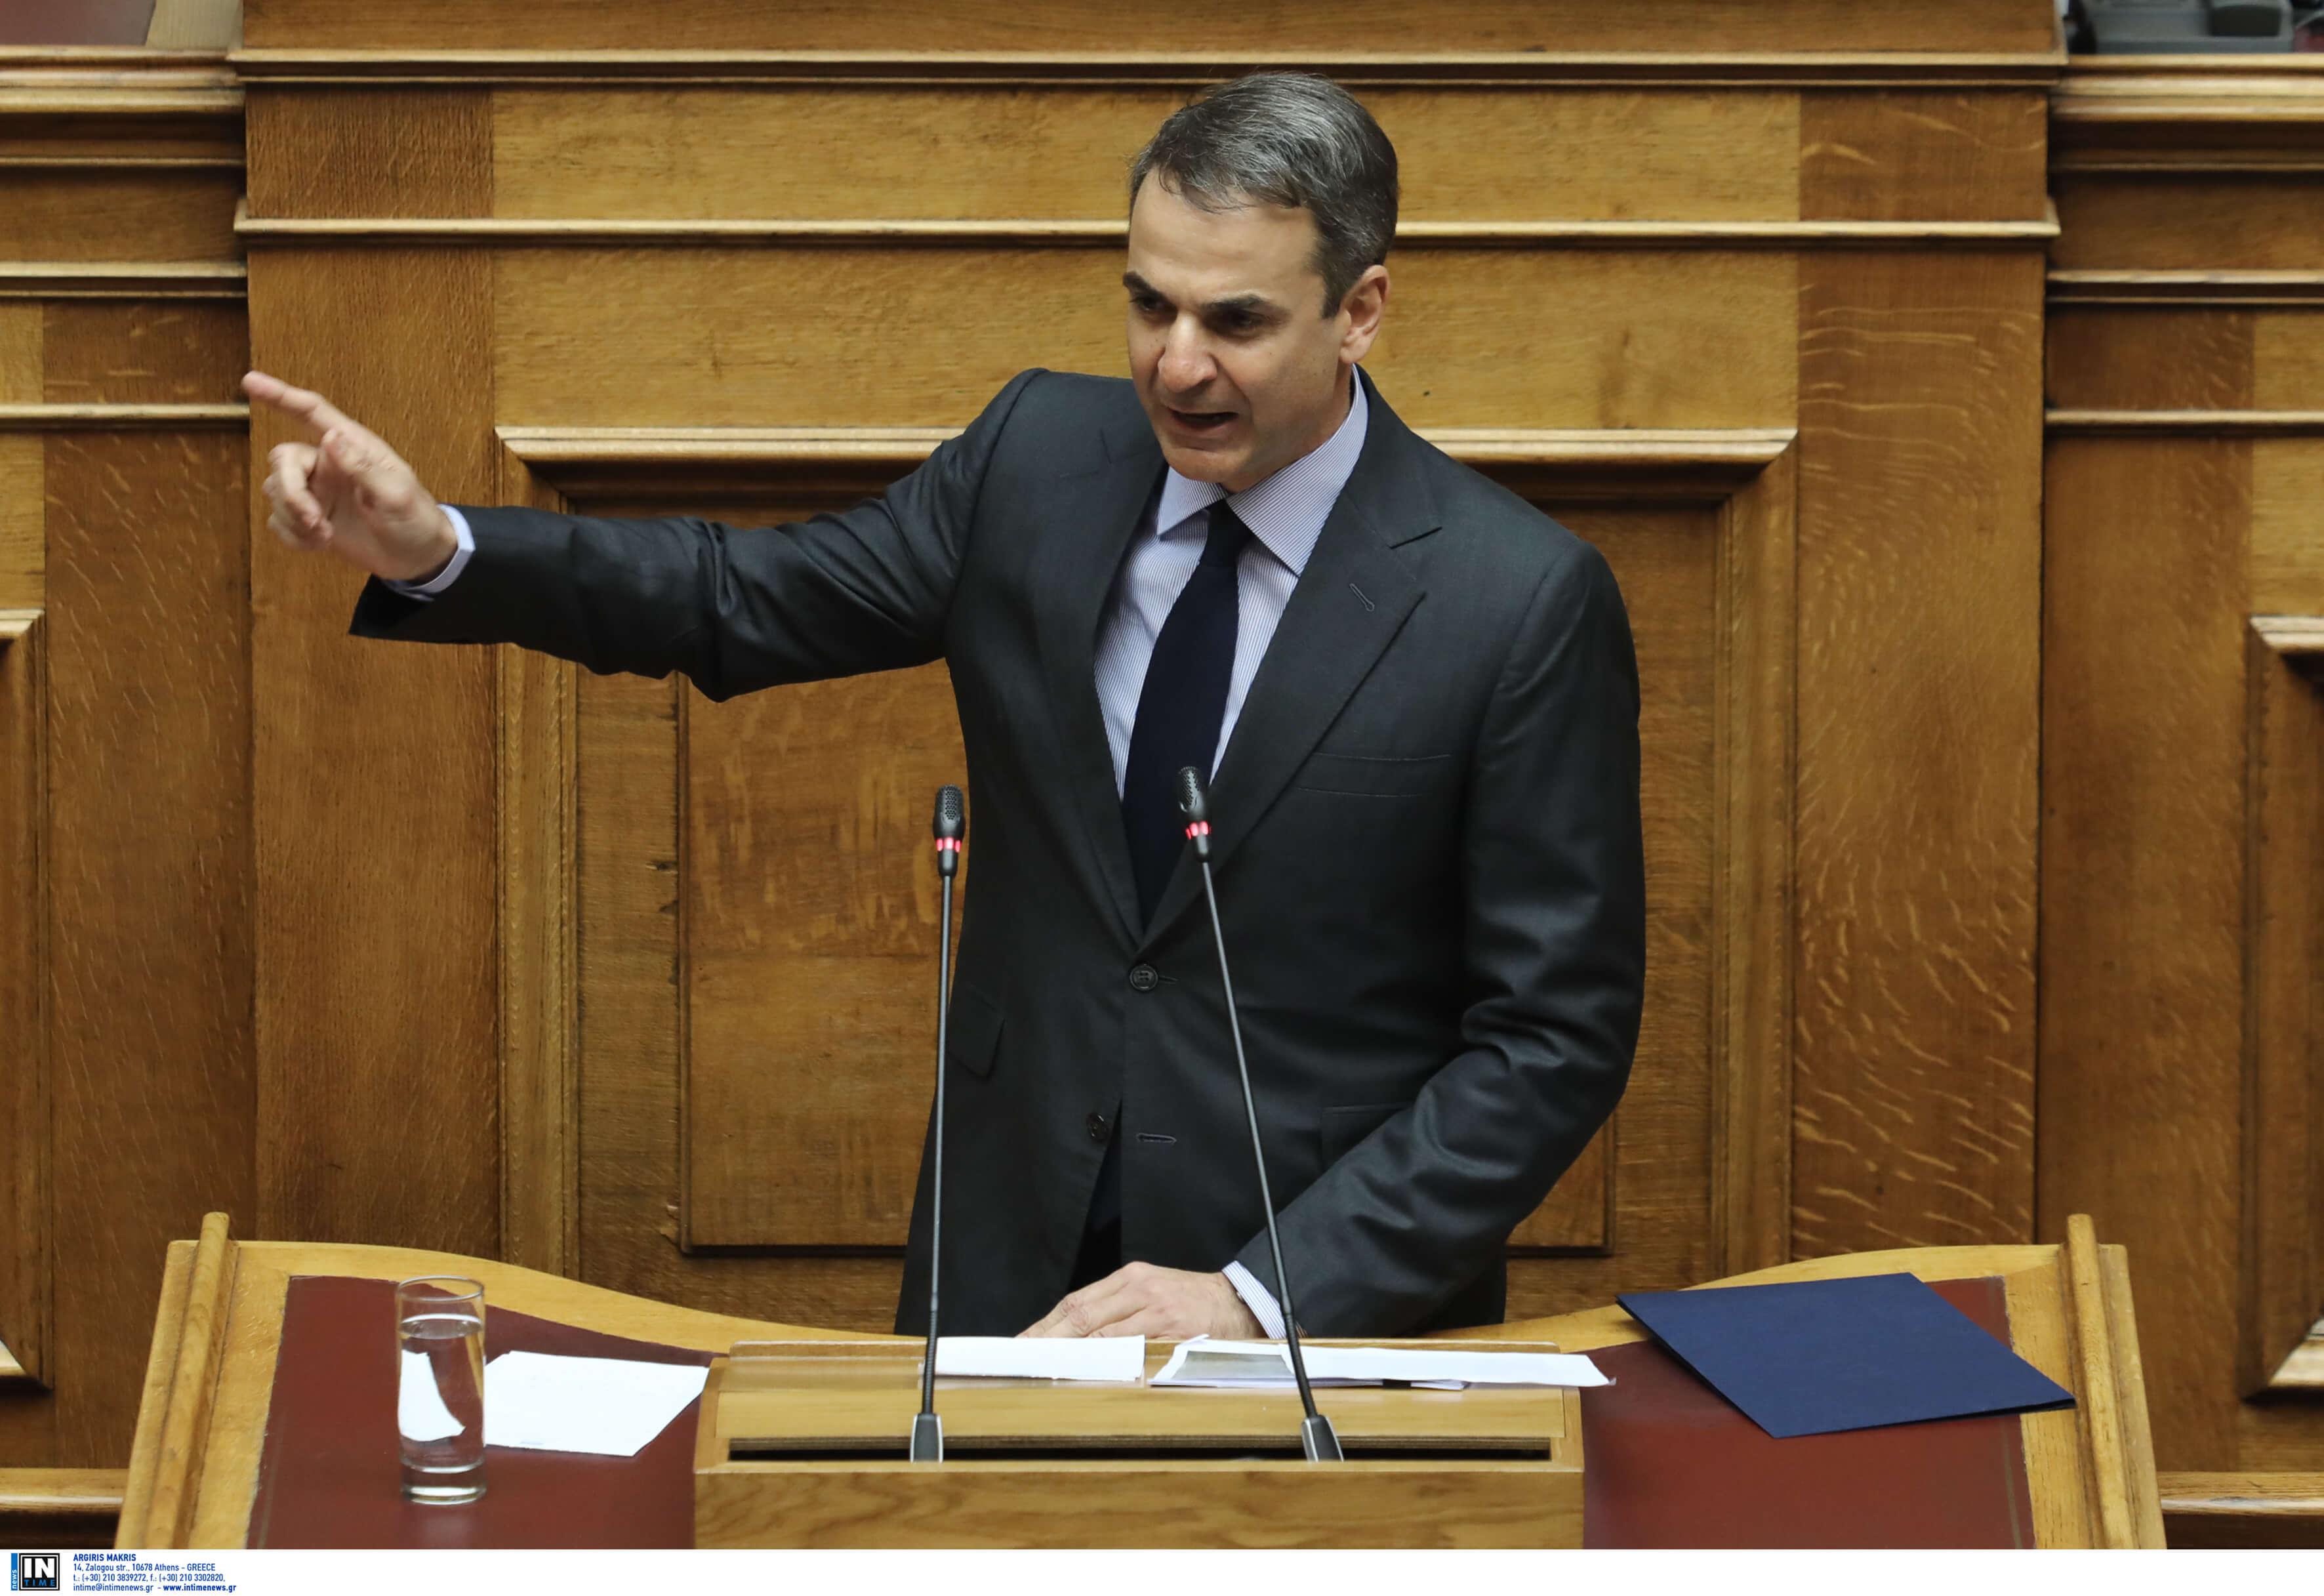 Φουλ επίθεση Μητσοτάκη σε Τσίπρα-ΣΥΡΙΖΑ! Τι θα πει στην Πολιτική Επιτροπή της ΝΔ